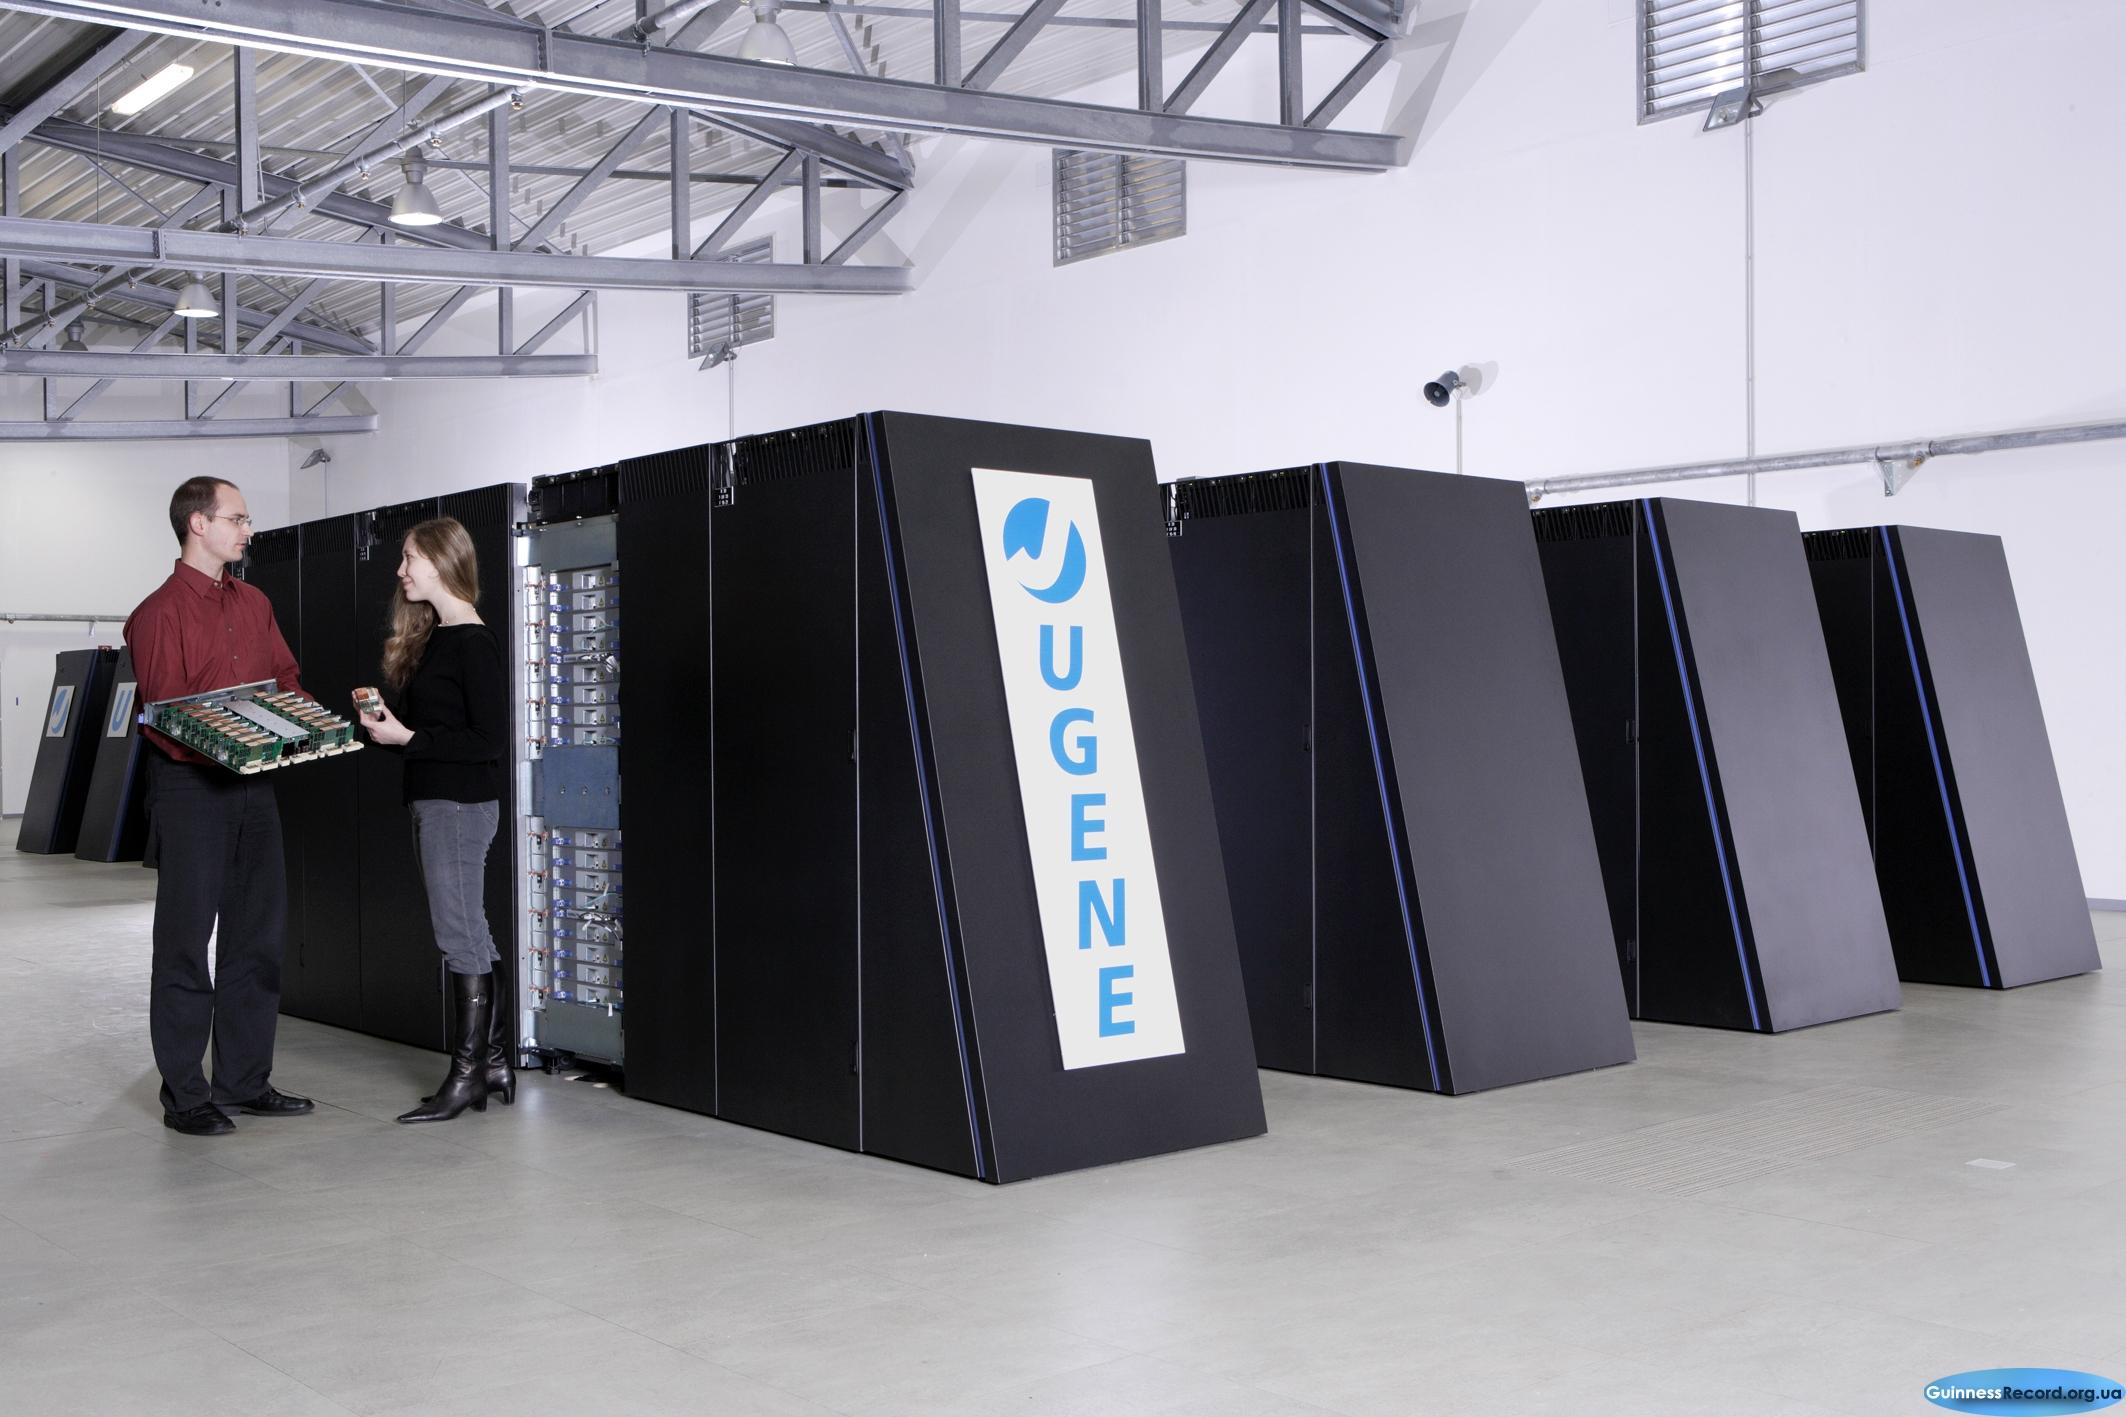 Доклад самый мощный компьютер в мире 8063